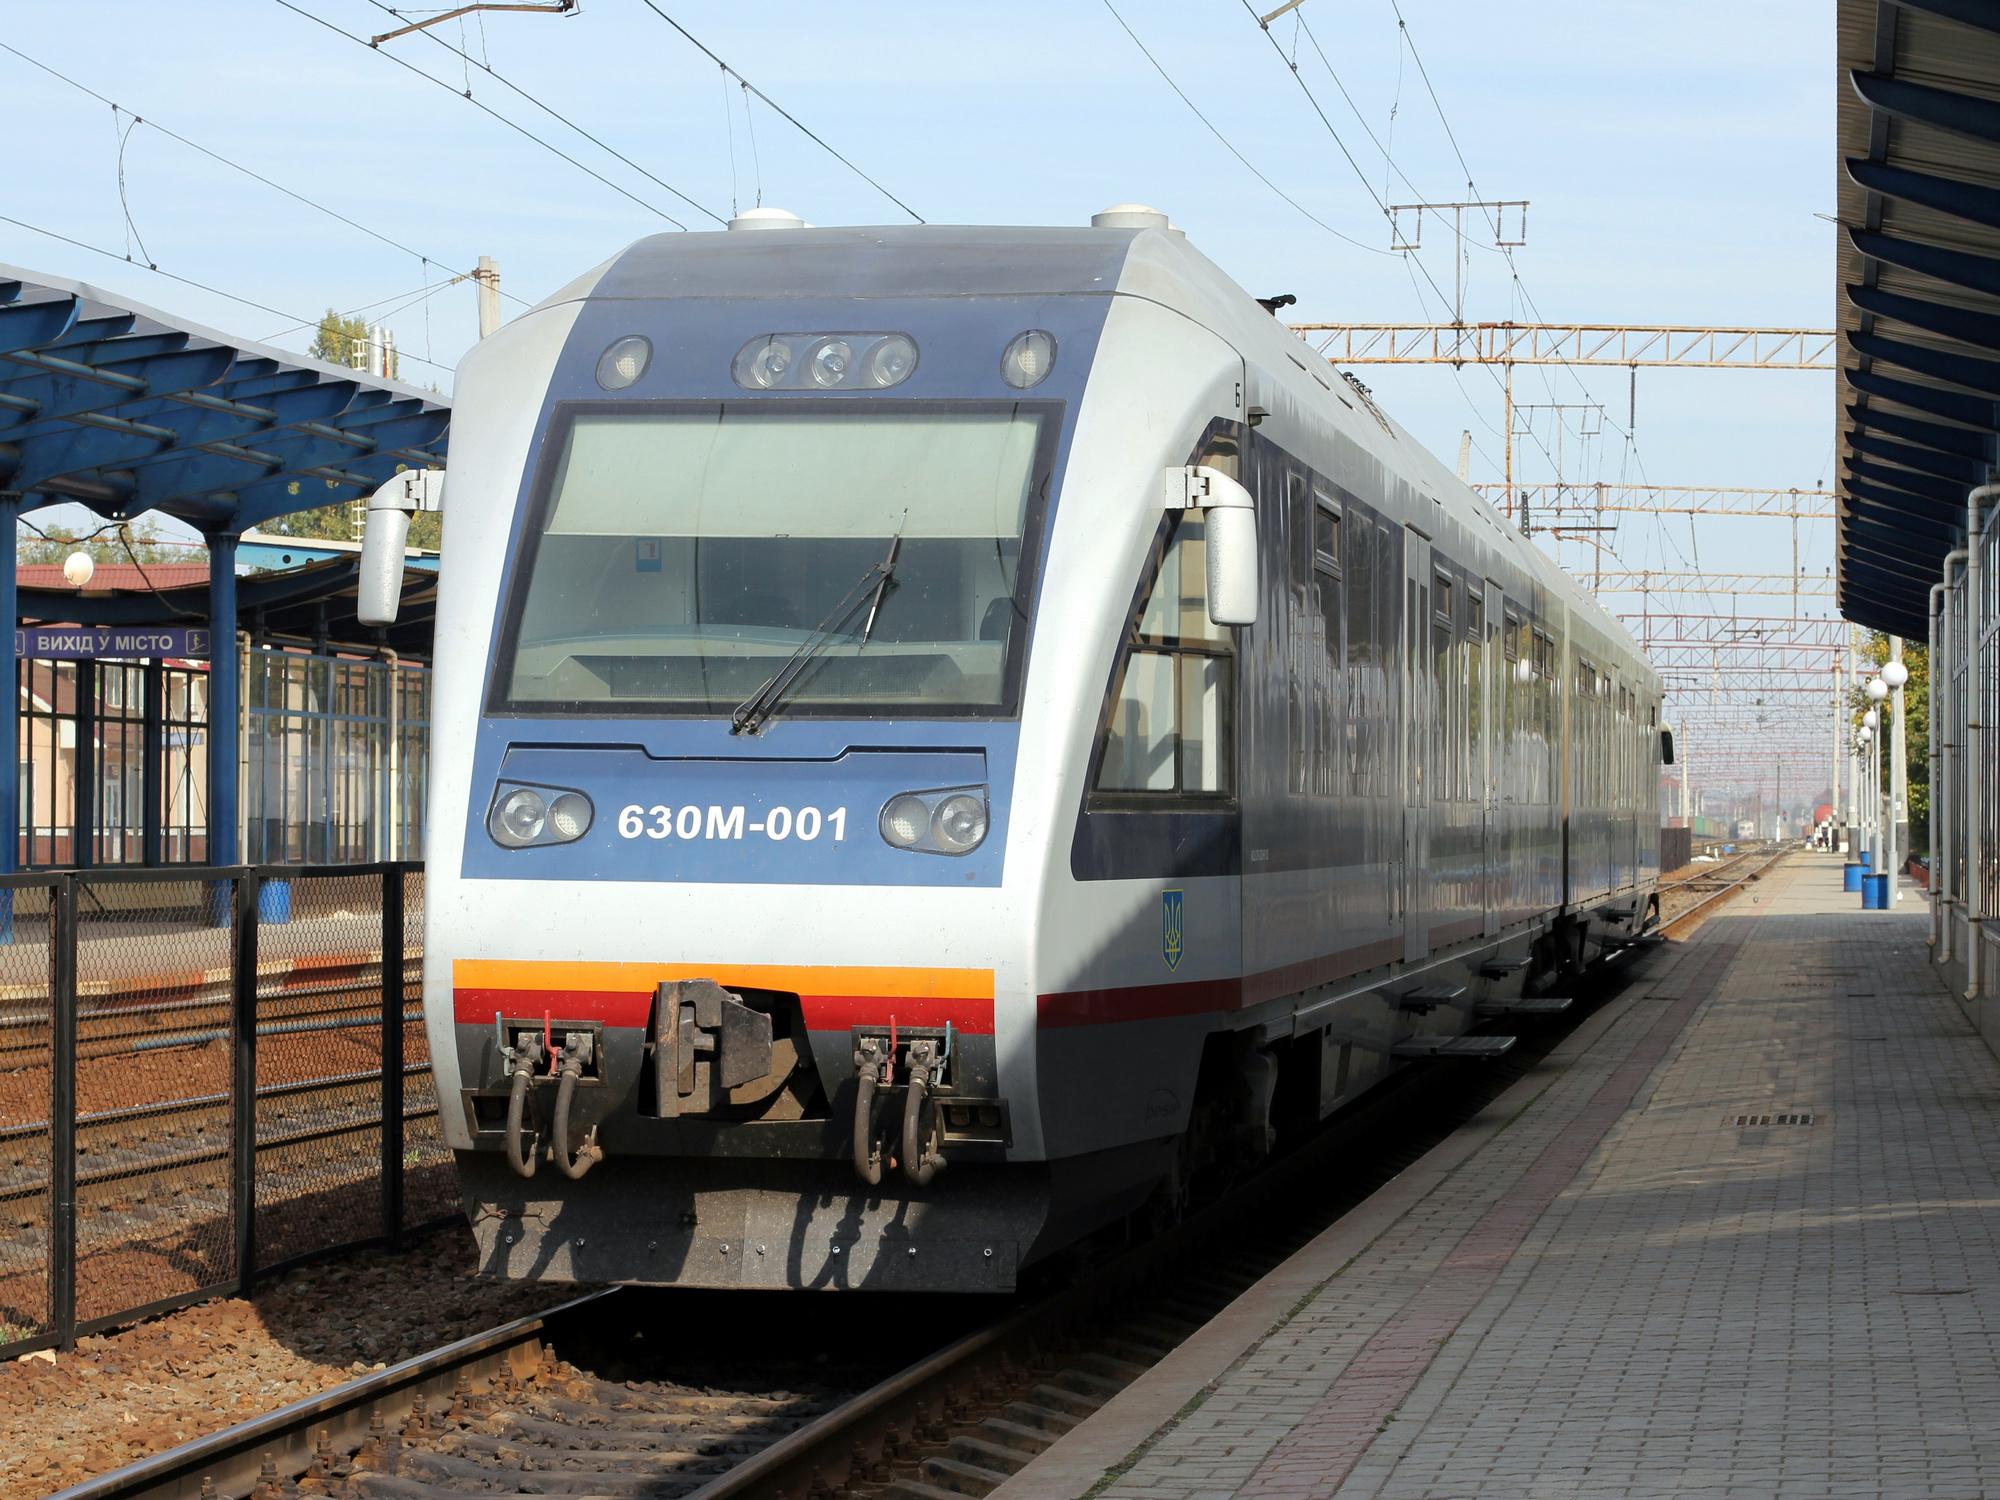 Ваэропорт Борисполь будут курсировать автобусы польской компании Pesa BydgoszczSA